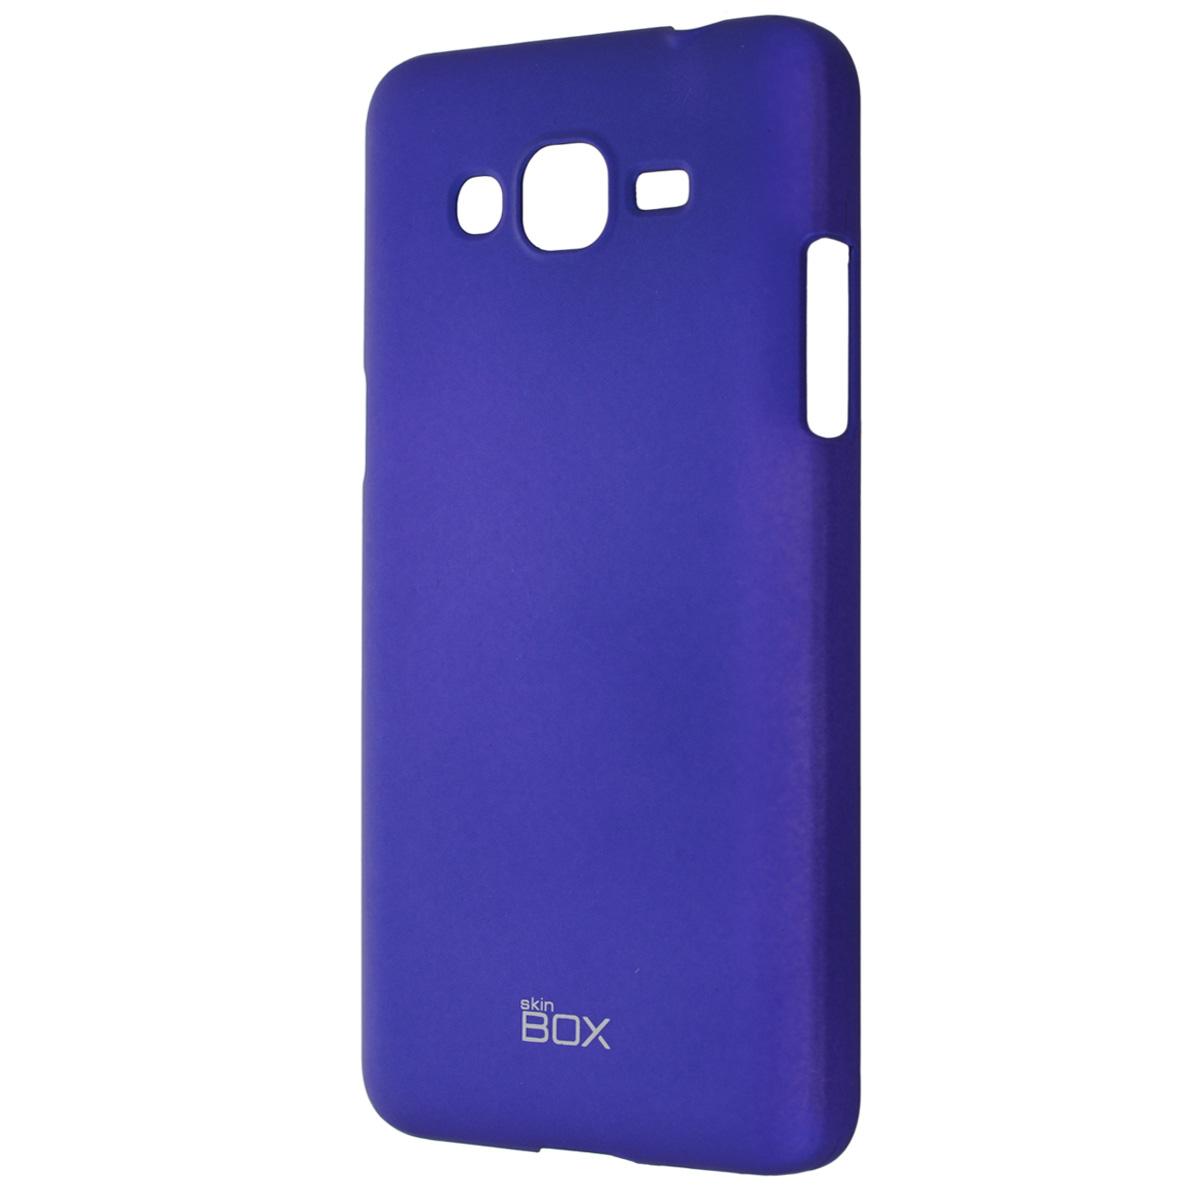 Skinbox Shield 4People чехол для Samsung Galaxy Grand Prime, BlueT-S-SG530-002Чехол Skinbox Shield 4People для Samsung Galaxy Grand Prime предназначен для защиты корпуса смартфона от механических повреждений и царапин в процессе эксплуатации. Имеется свободный доступ ко всем разъемам и кнопкам устройства. В комплект также входит защитная пленка на экран телефона.